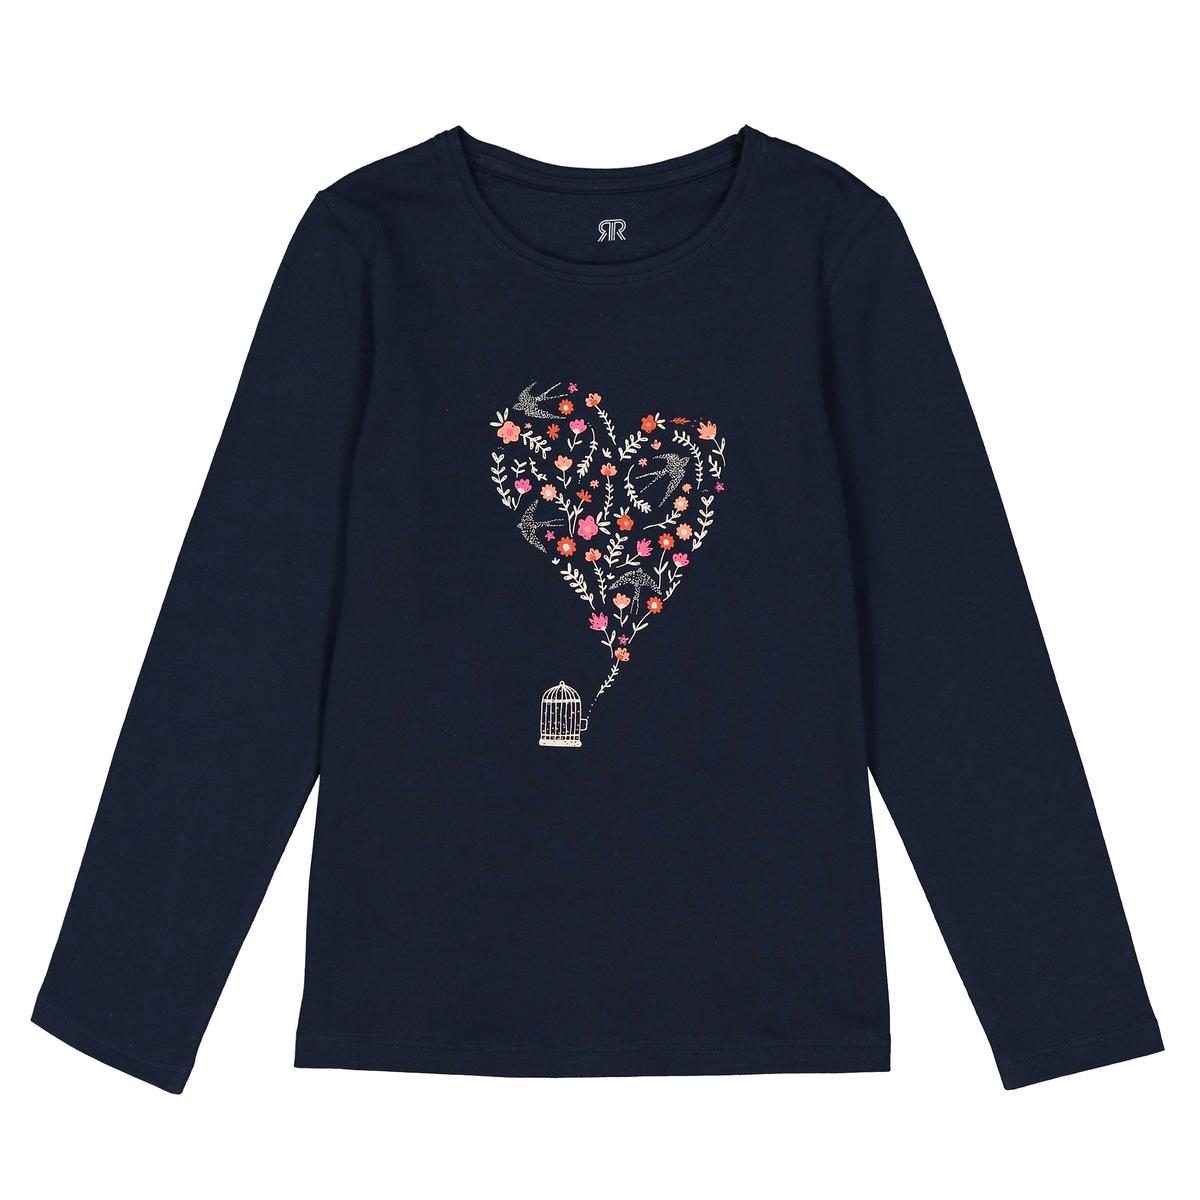 Футболка с длинными рукавами с завязками и рисунком сердце, 3-12 лет